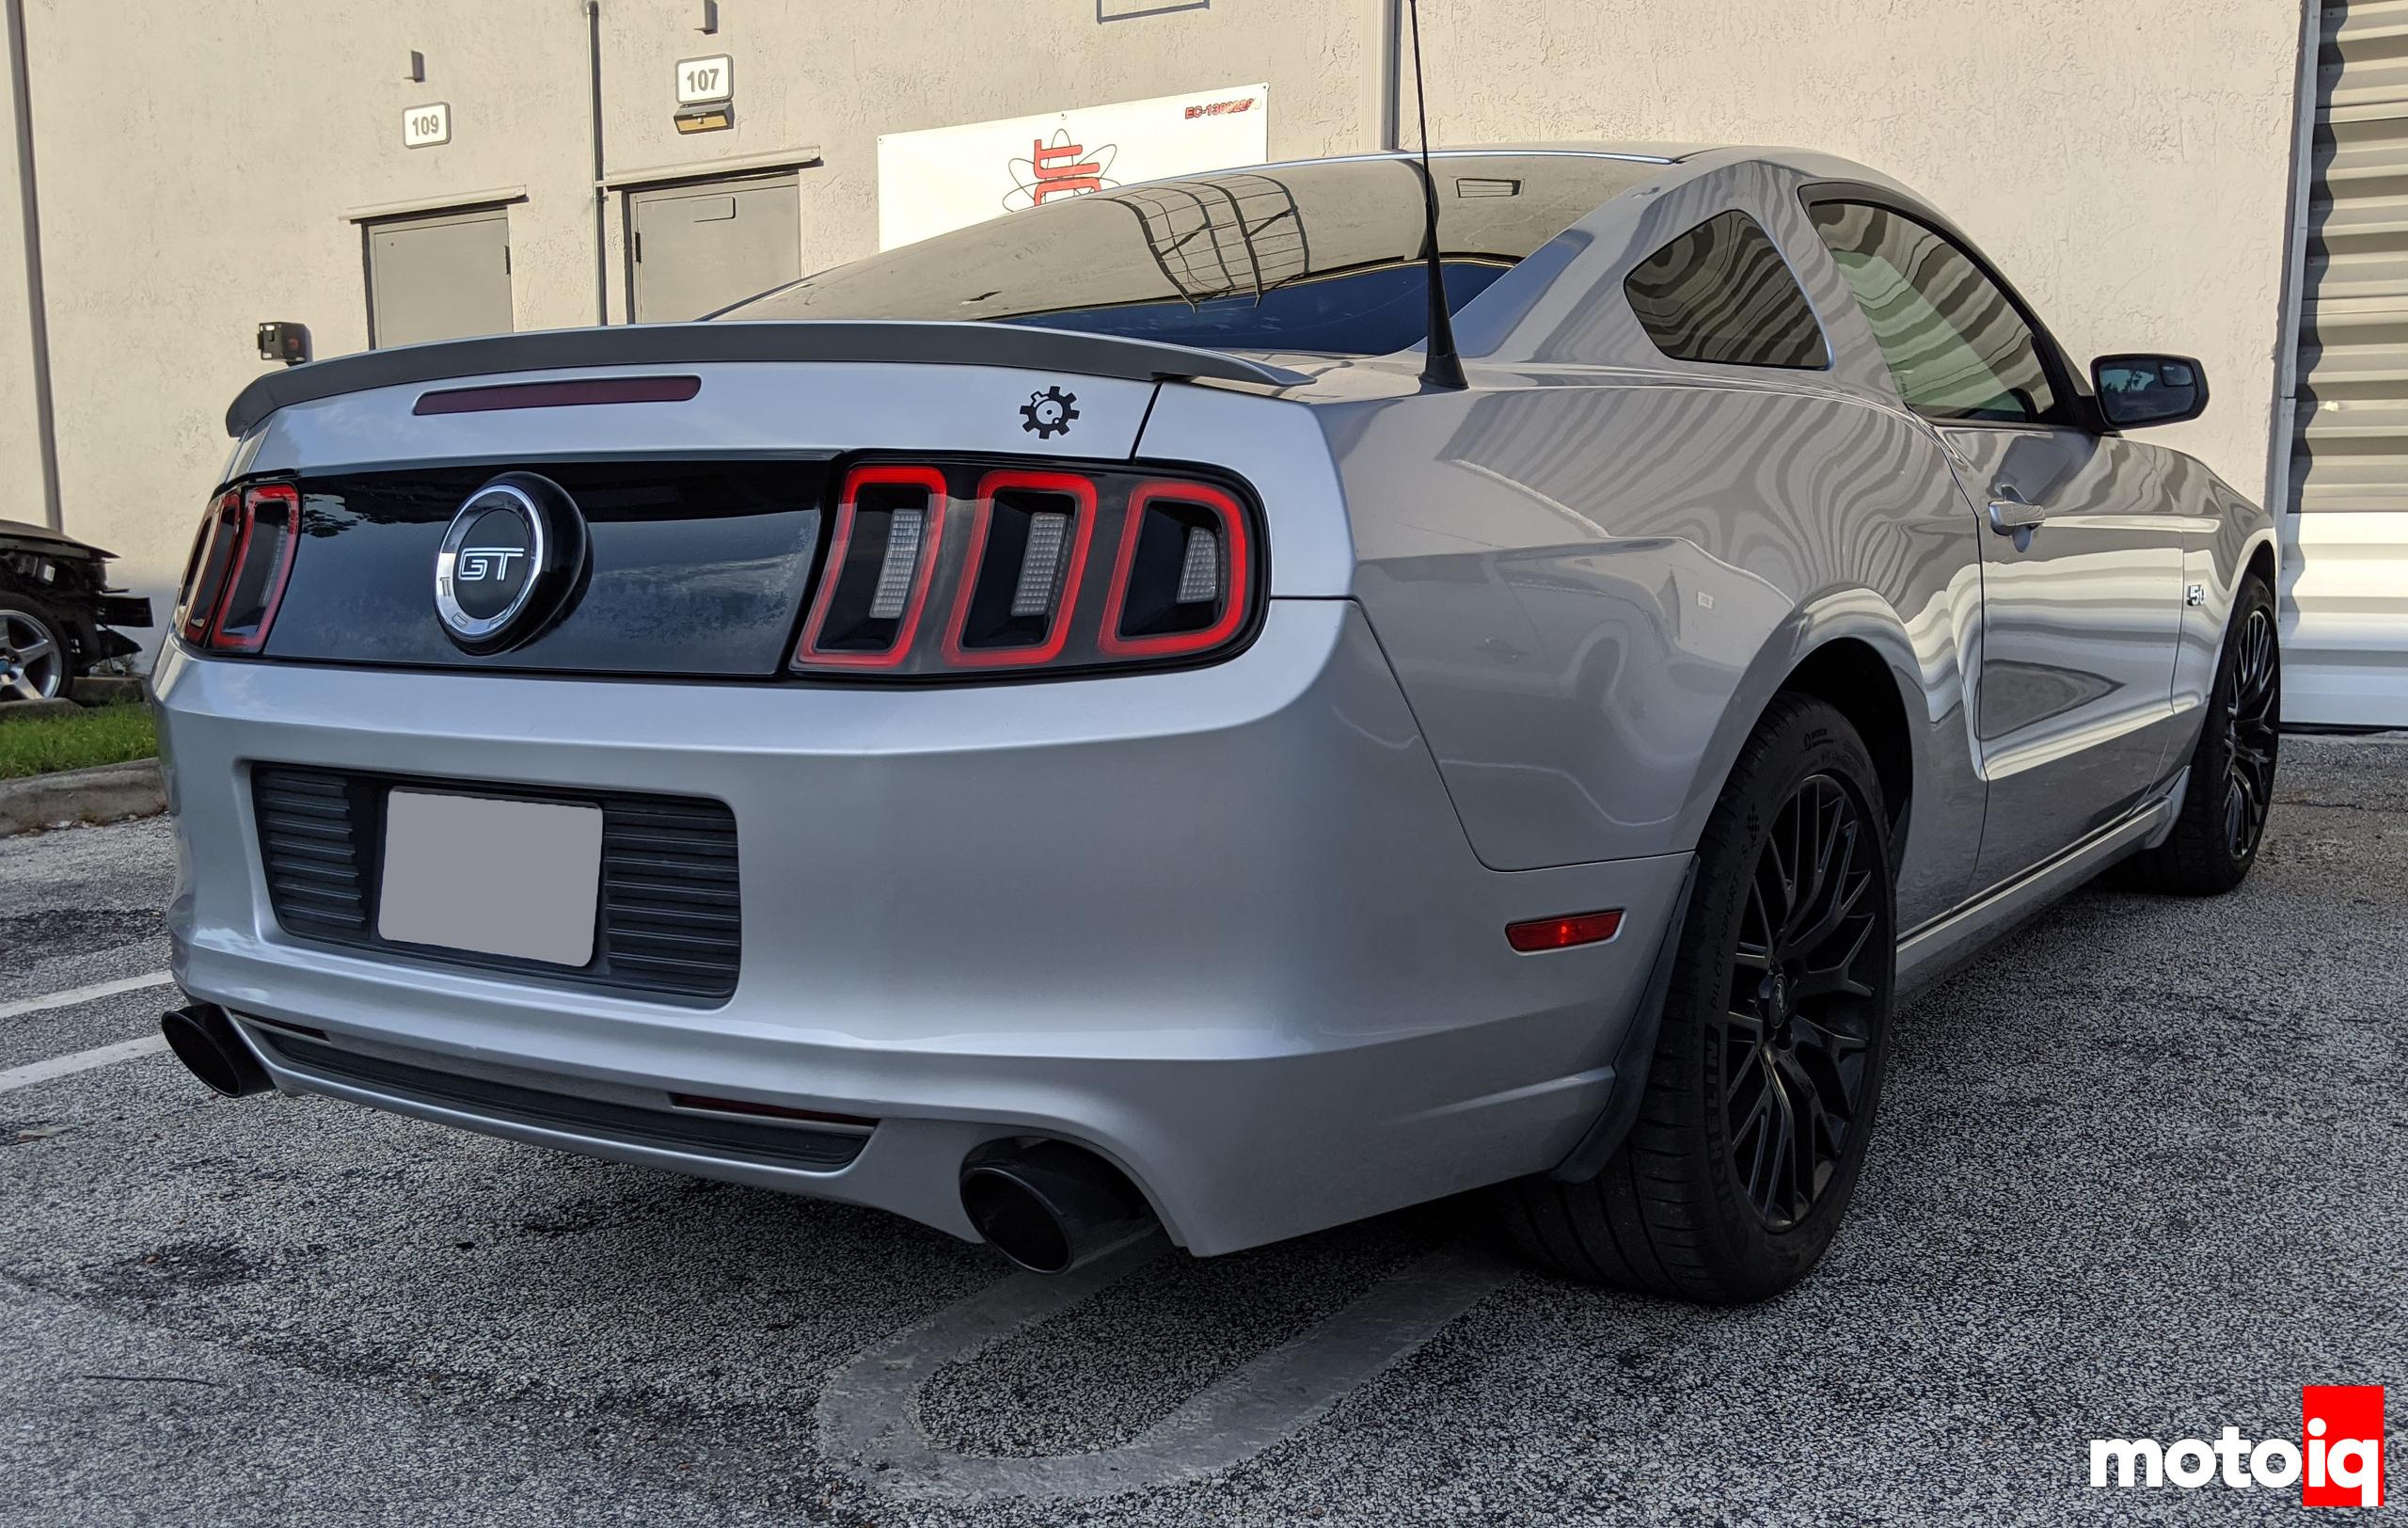 2014 Mustang GT Borla S-Type Catback exhaust